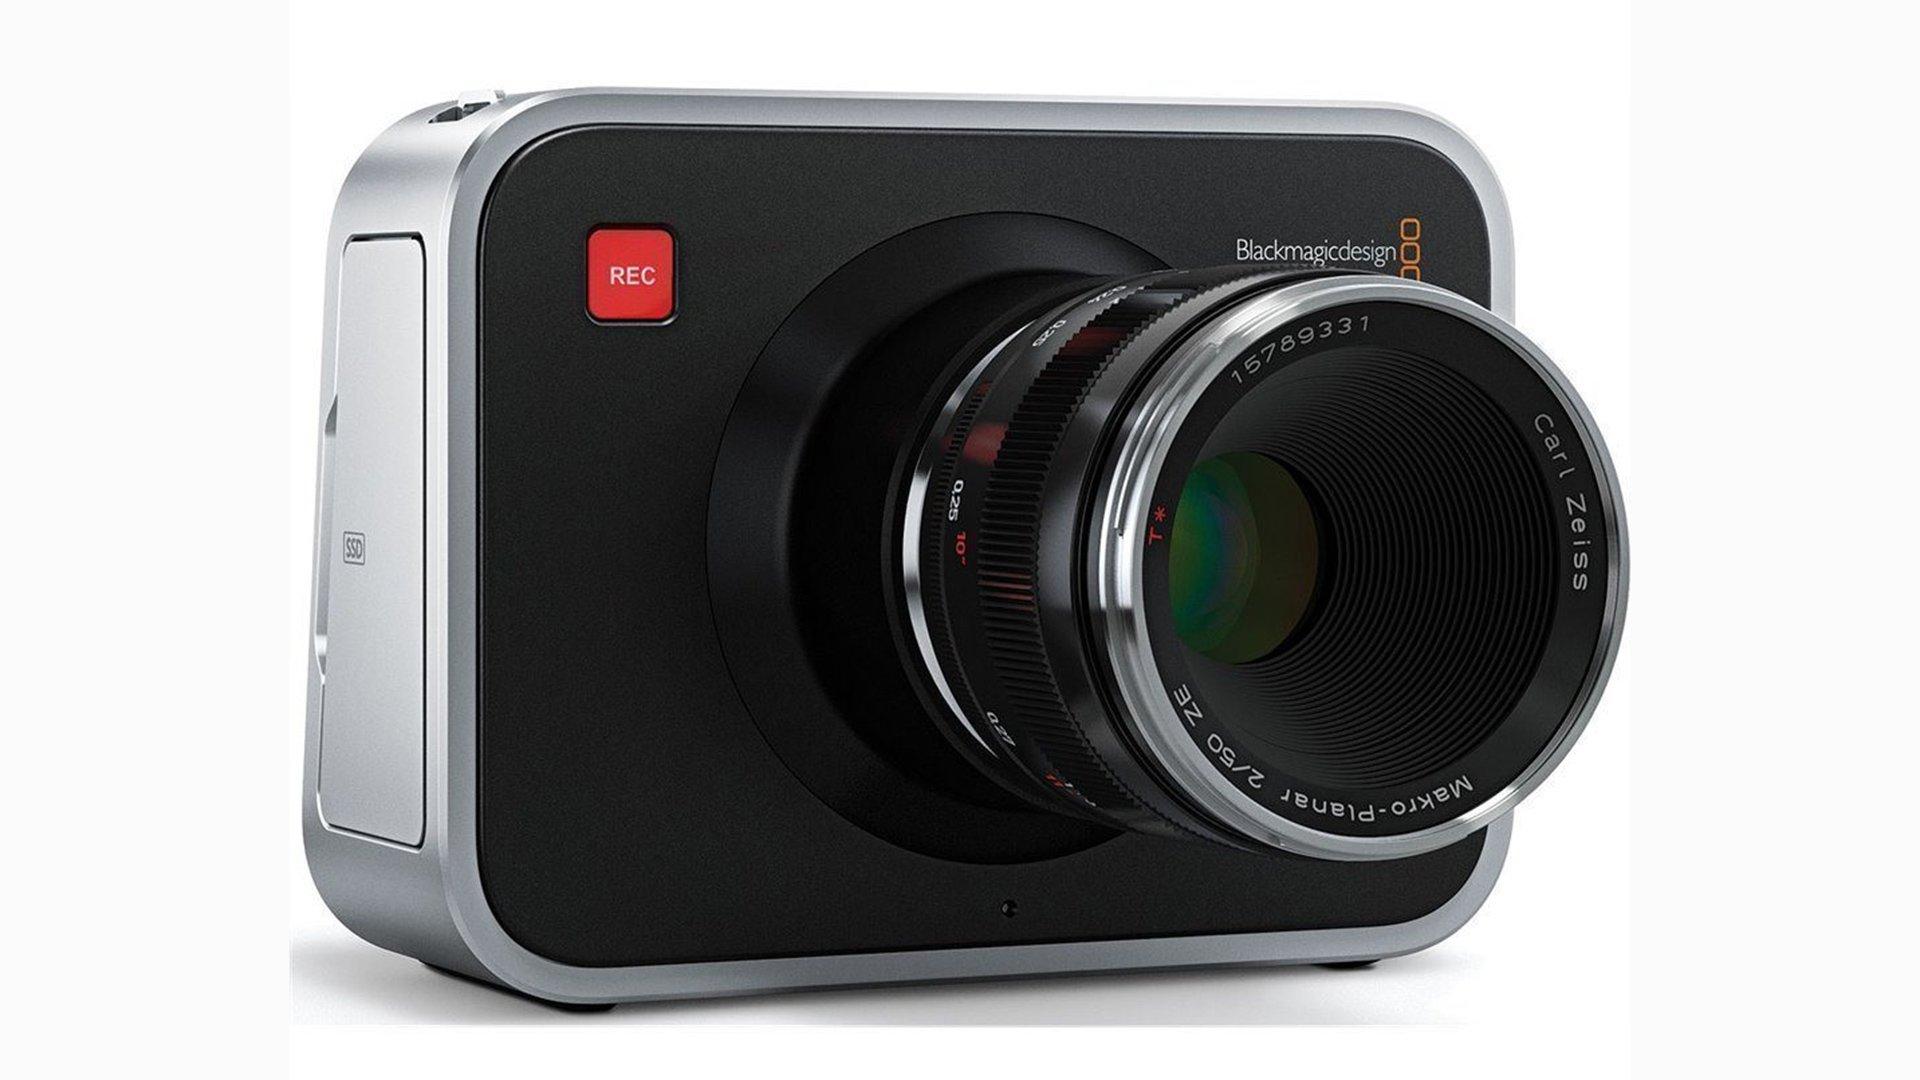 Blackmagic Design Cinema Camera 2.5K. Image: Blackmagic Design.